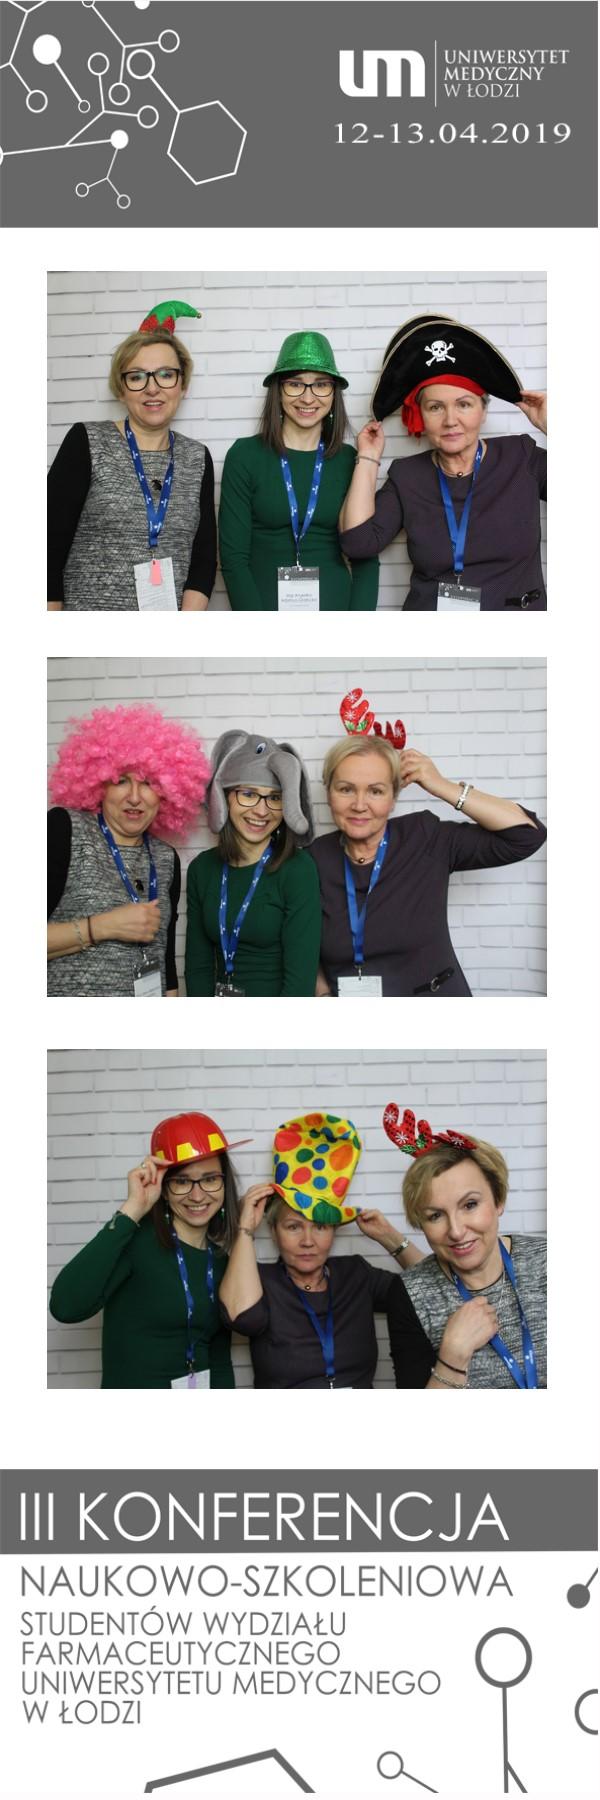 zdjęcie z fotobudki na event